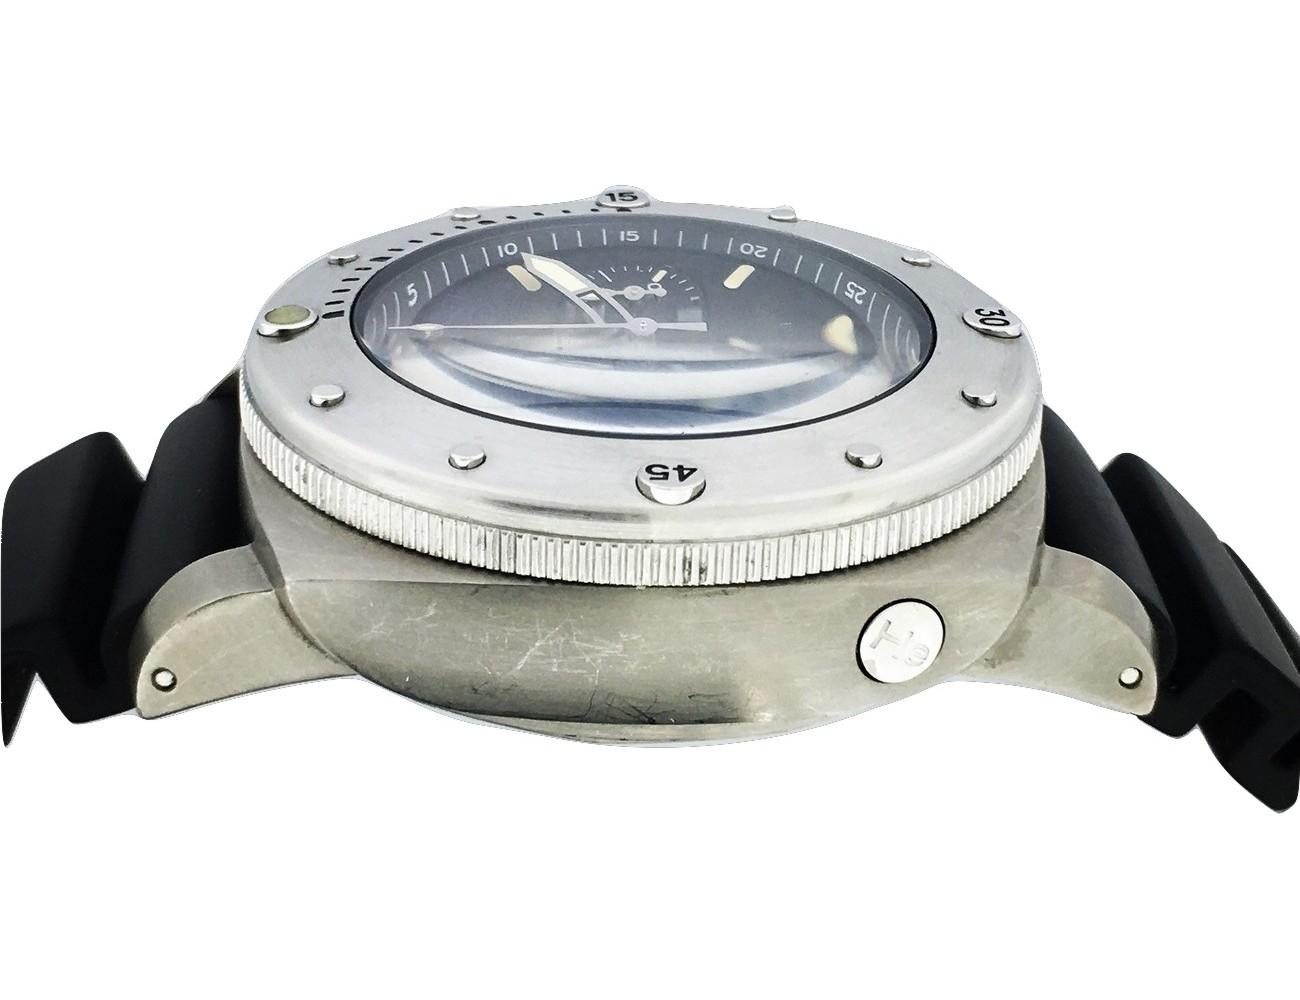 Montre occasion Panerai Luminor Submersible Slytech PAM00202 série limitée a 500 pièces.